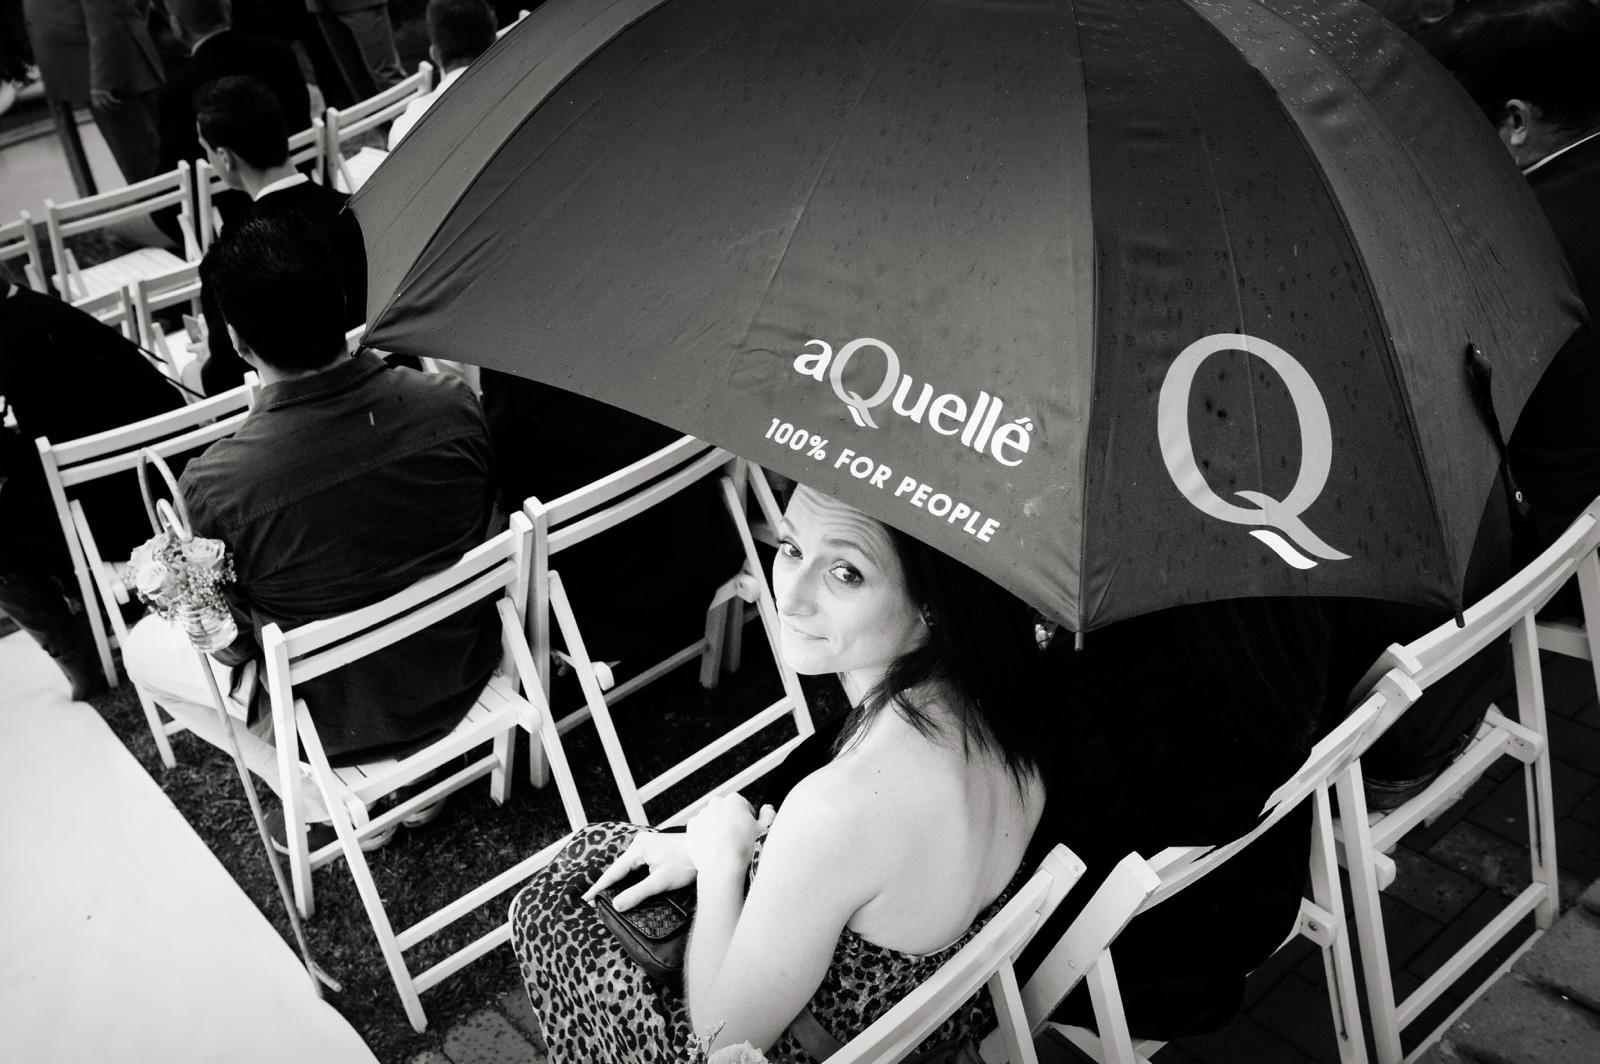 aQuelle umbrella